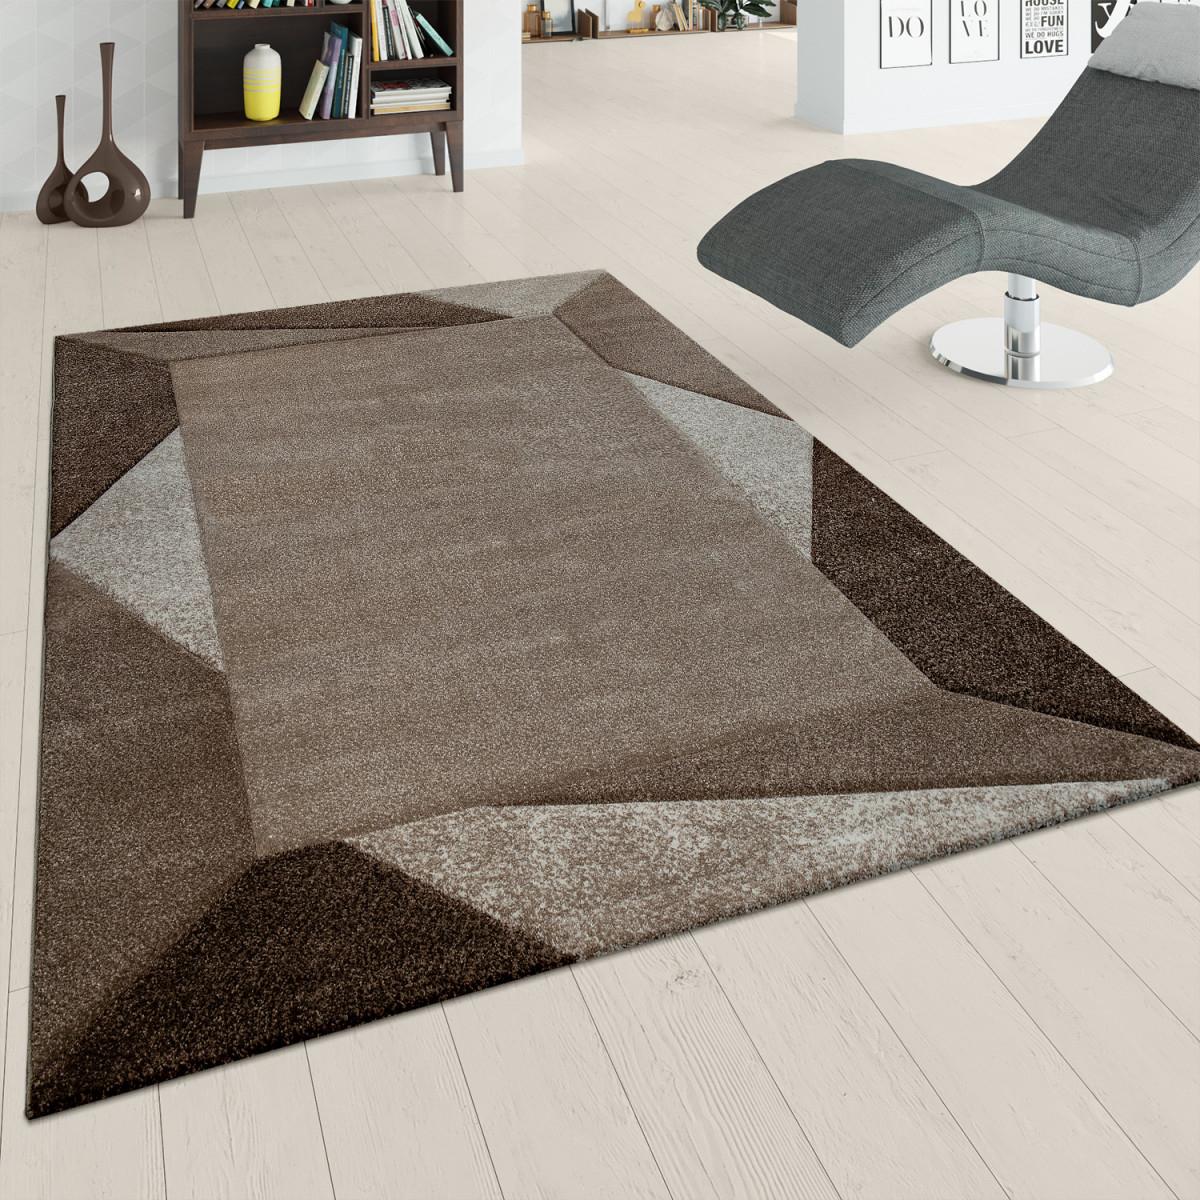 Details Zu Teppich Wohnzimmer Kurzflor Braun Beige Weich 3D Effekt Dreieck  Design Bordüre von Teppich Wohnzimmer Braun Photo